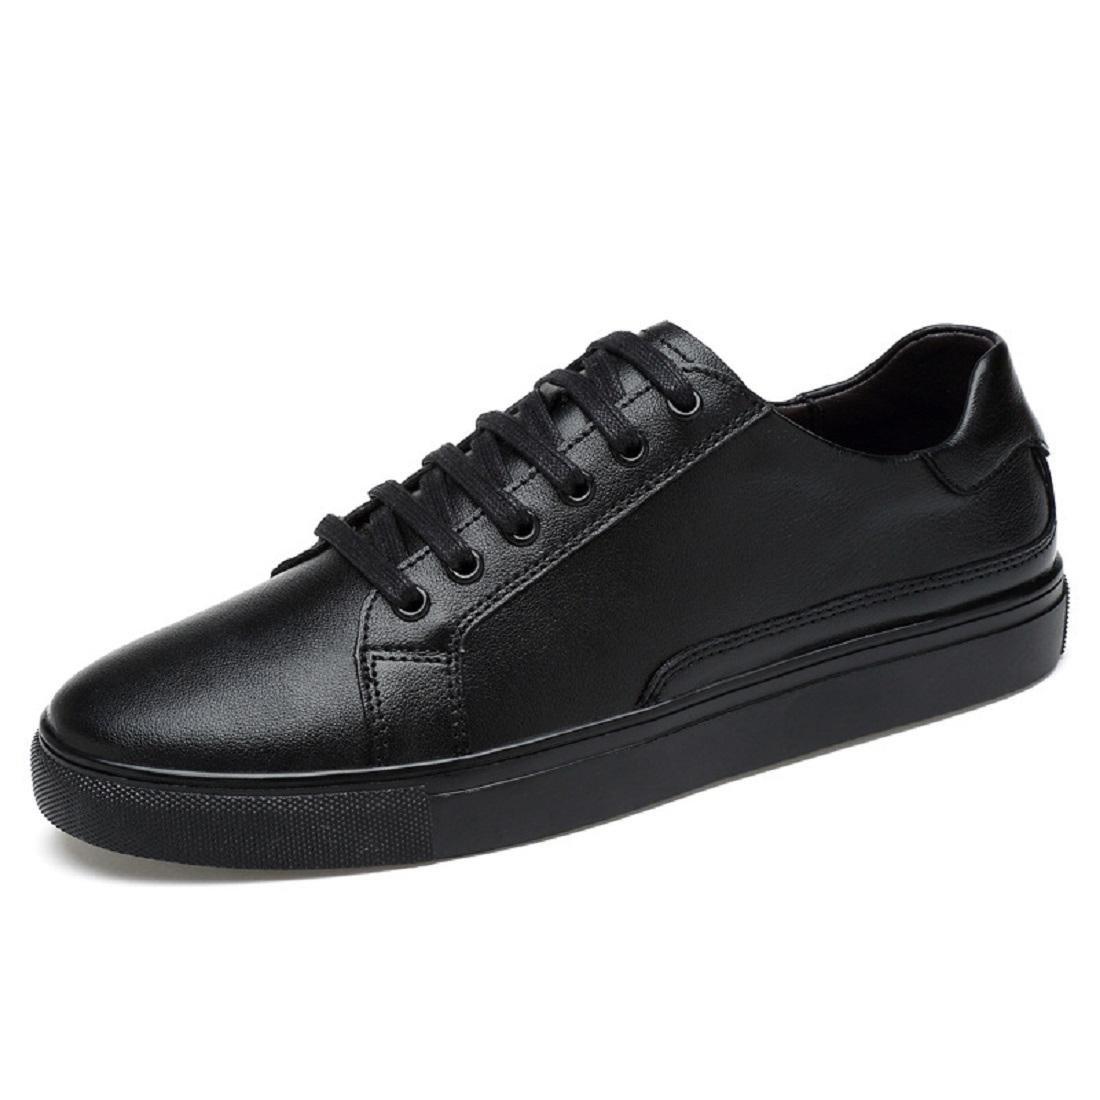 Herren Freizeit Flache Schuhe Lässige Schuhe Ausbilder Große Größe Laufschuhe EUR GRÖSSE 38-47